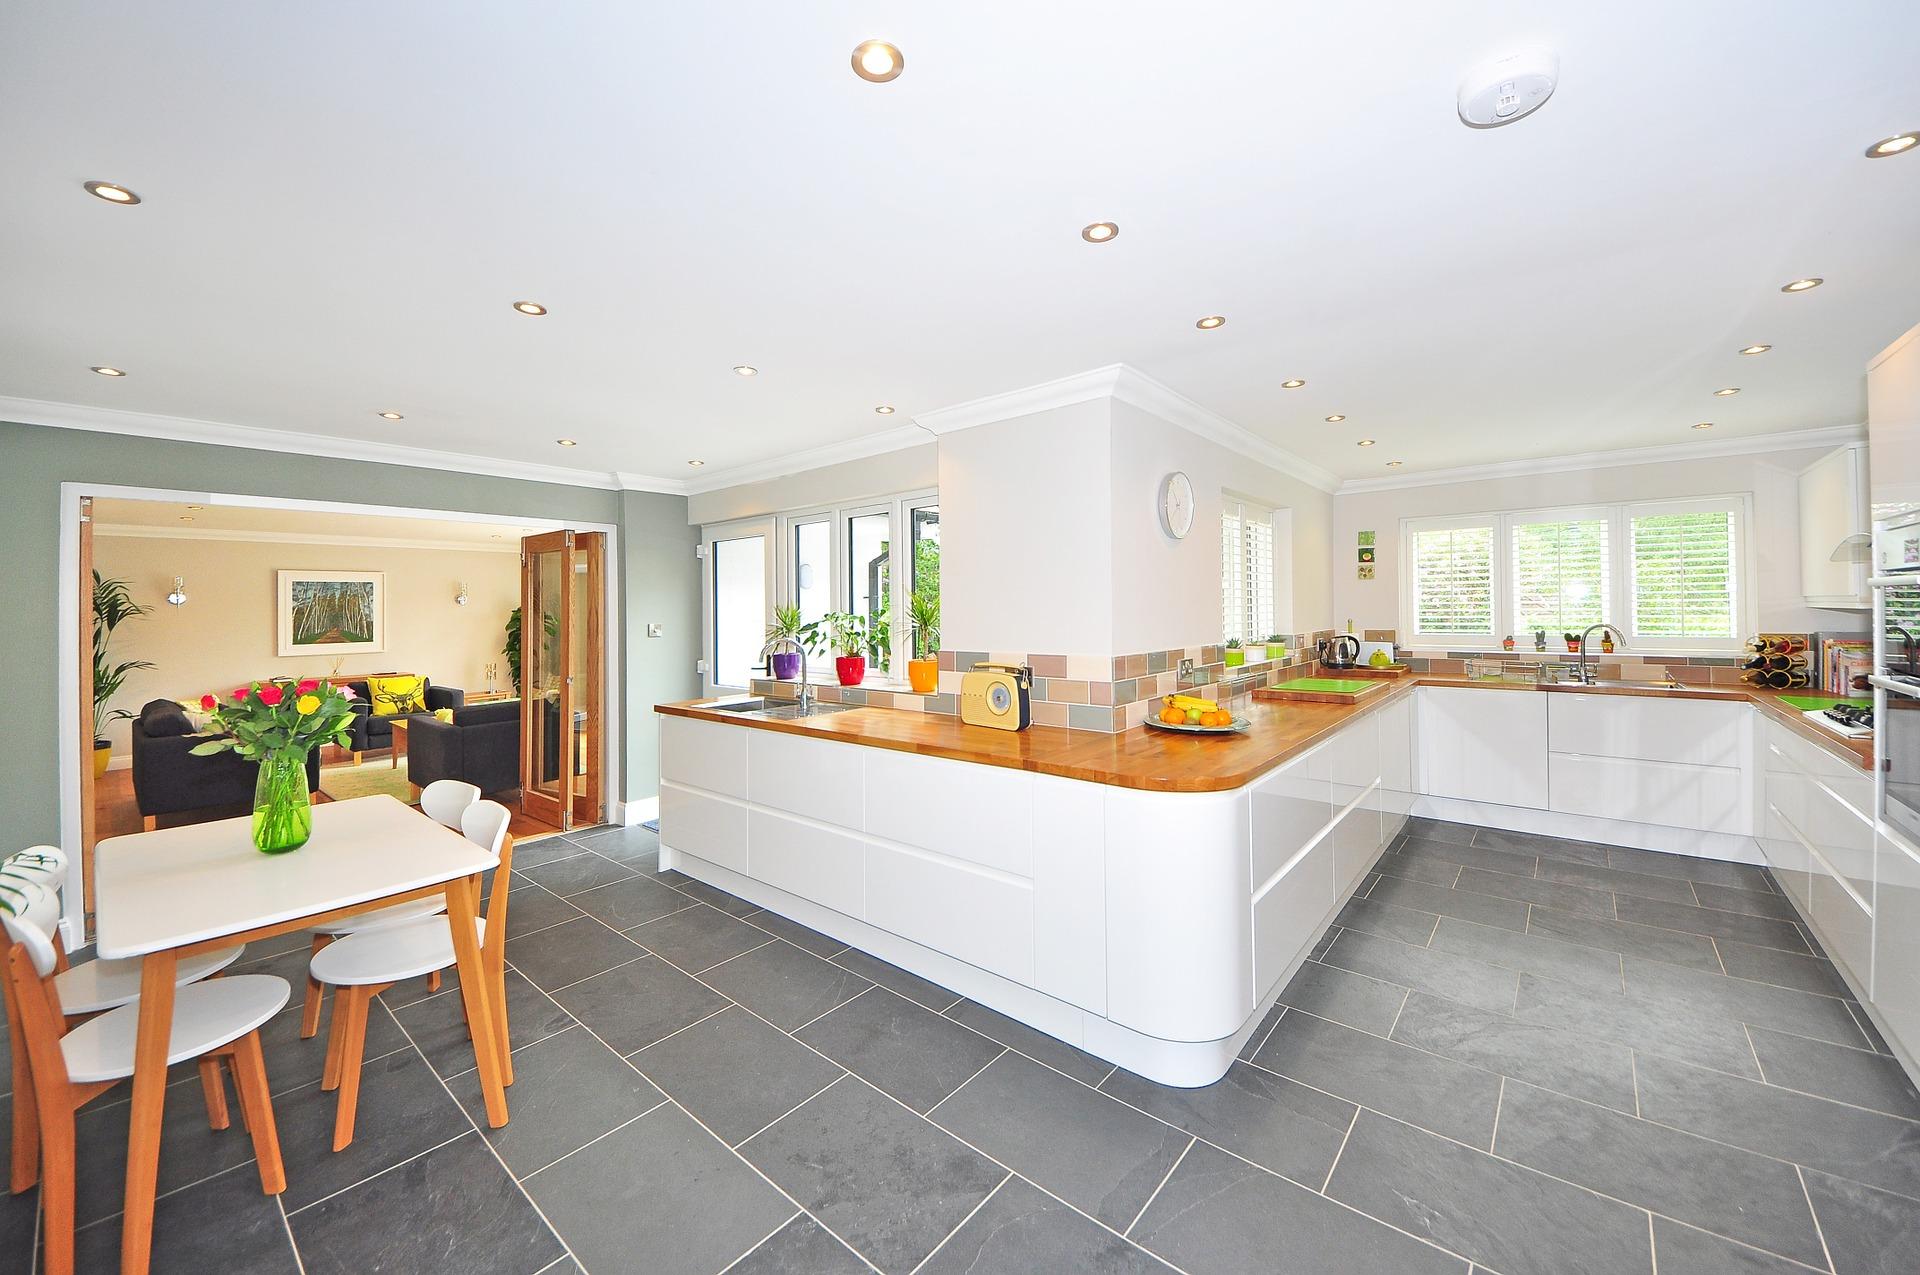 Hoe maakt u van een keuken een sfeervolle kamer?